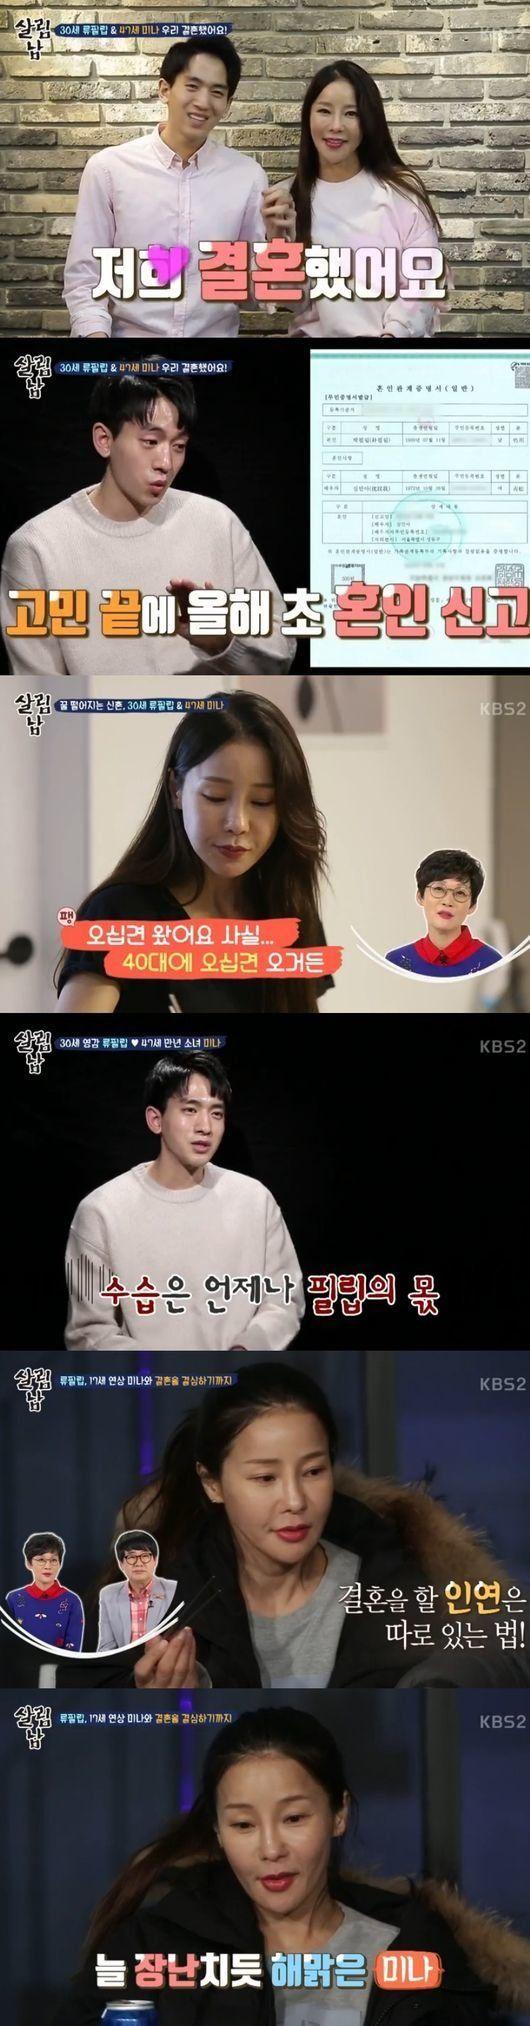 '살림남' 해맑은 미나♥속깊은 류필립, 나이차 무색한